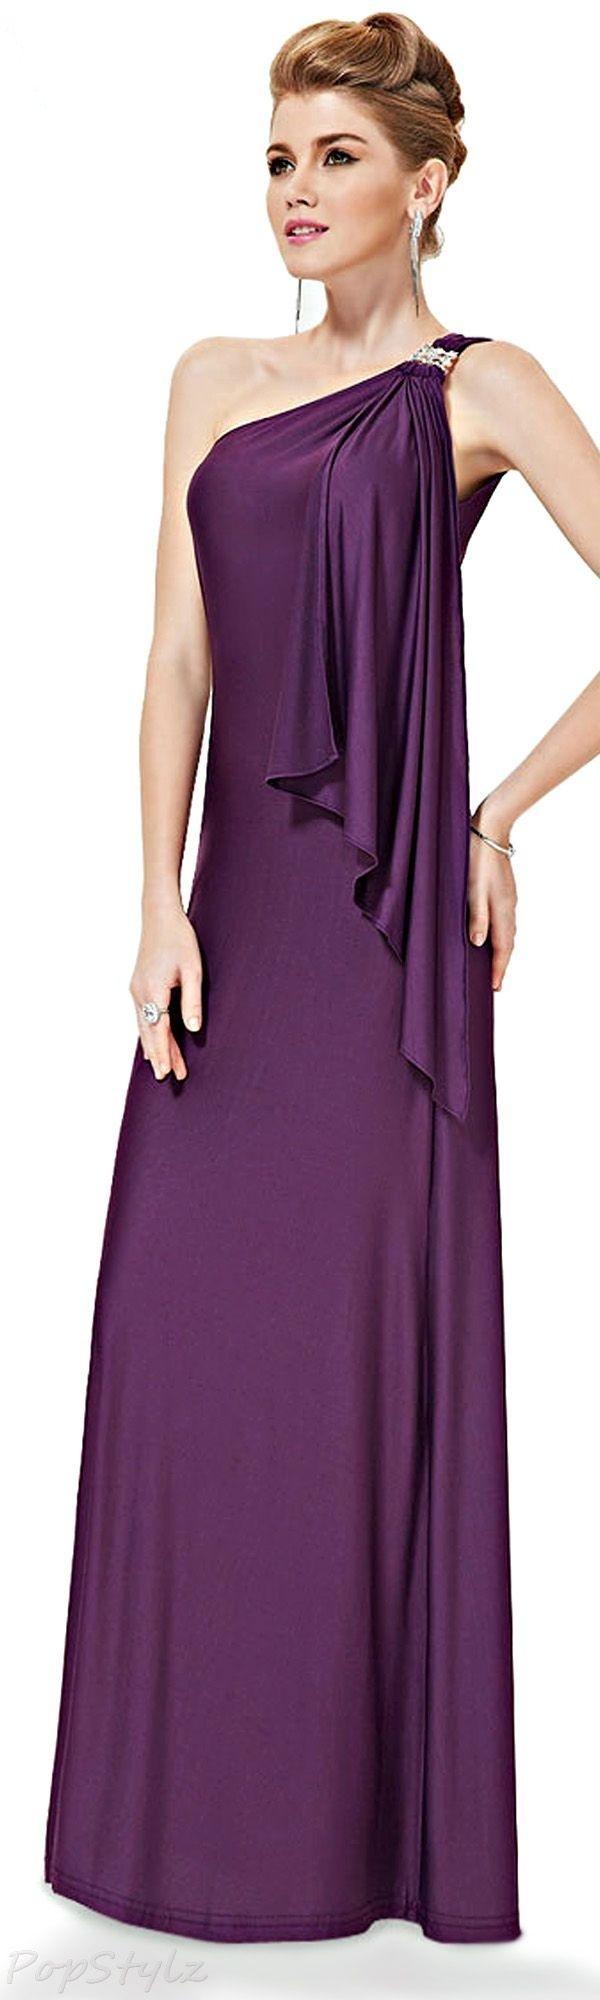 15 Genial Lila Kleider Für Hochzeit Bester Preis15 Schön Lila Kleider Für Hochzeit Galerie